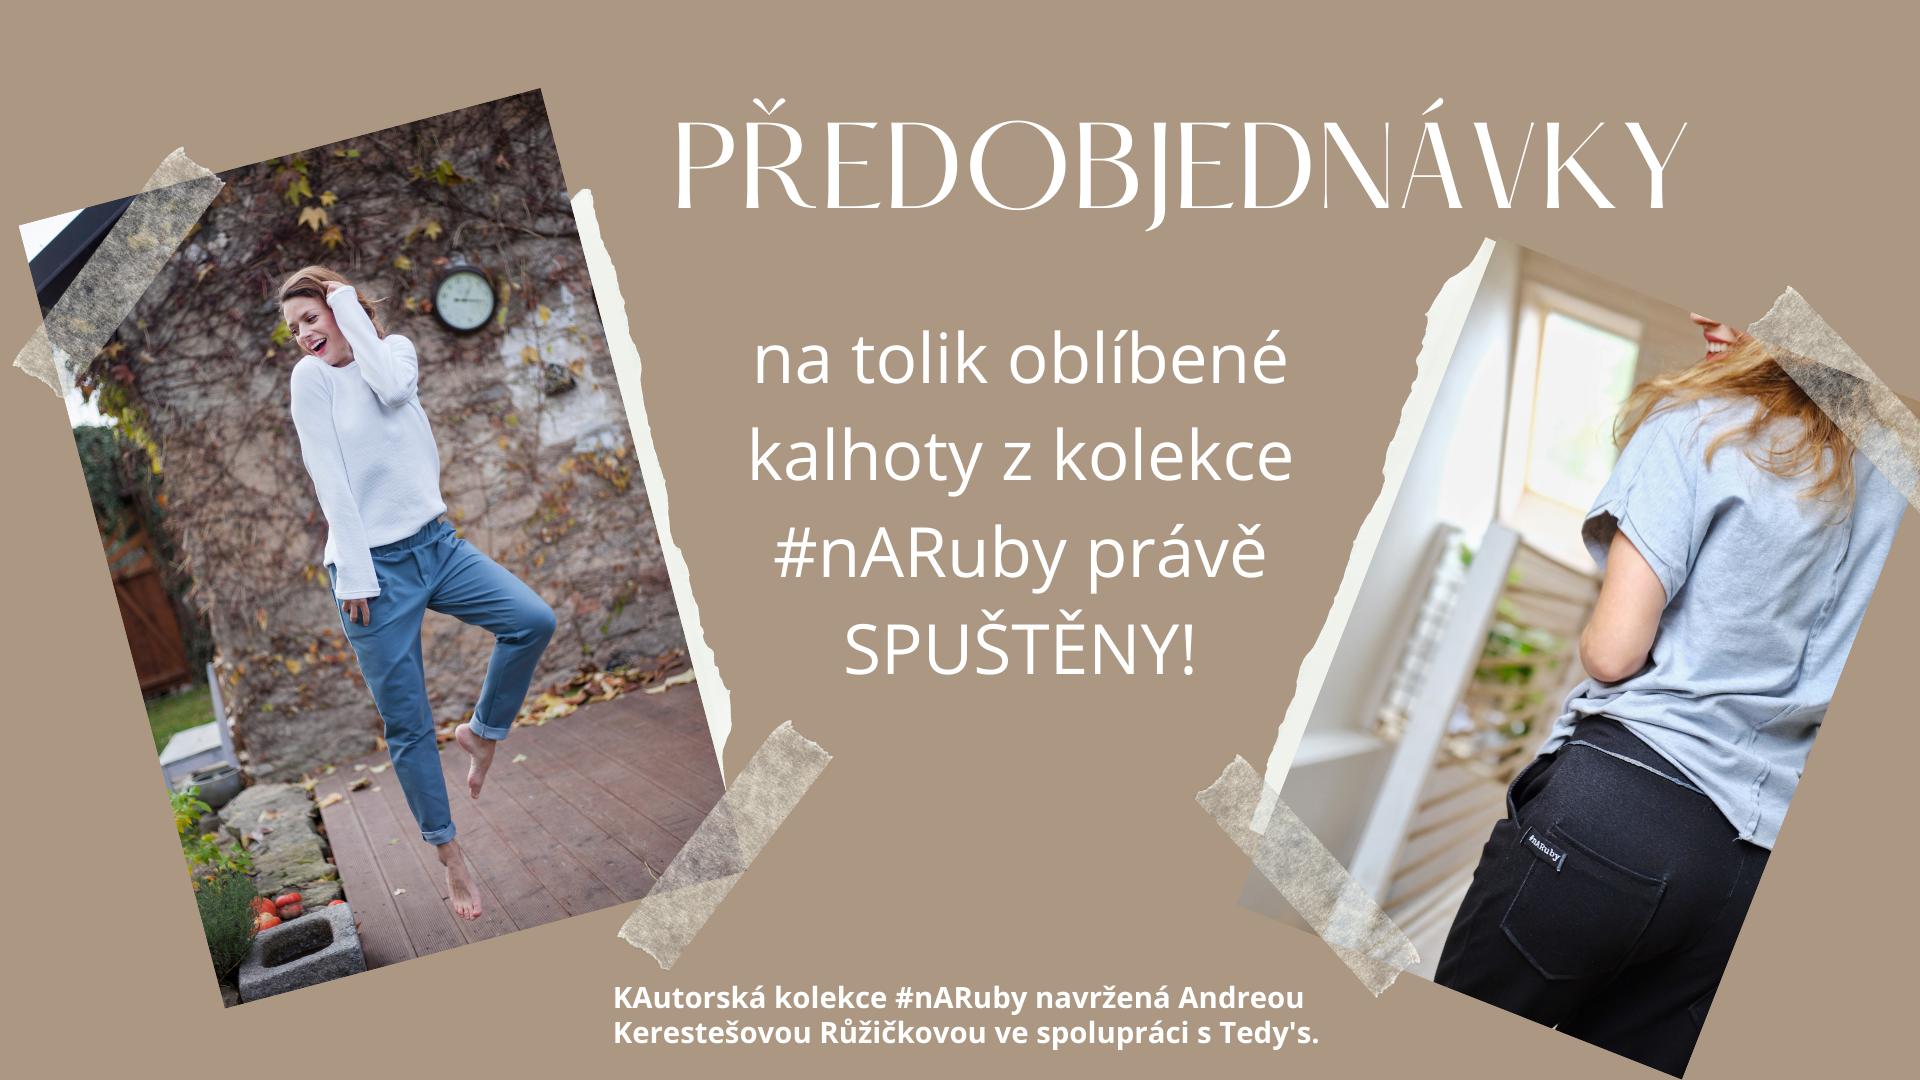 kalhoty #nARuby!